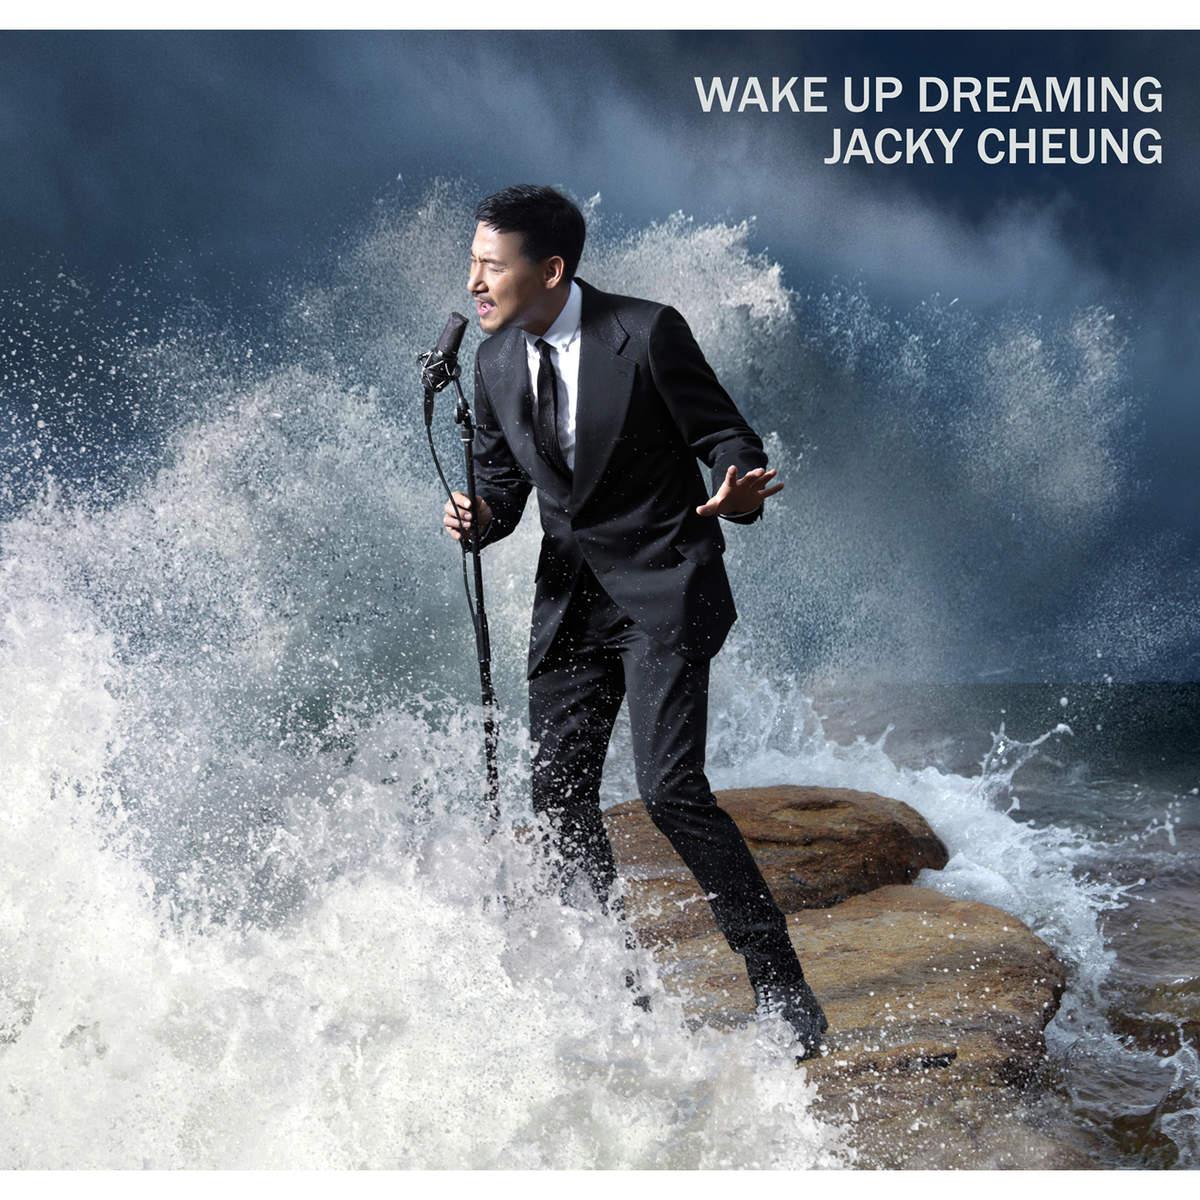 醒著做夢 Wake Up Dreaming - 張學友Jacky Cheung